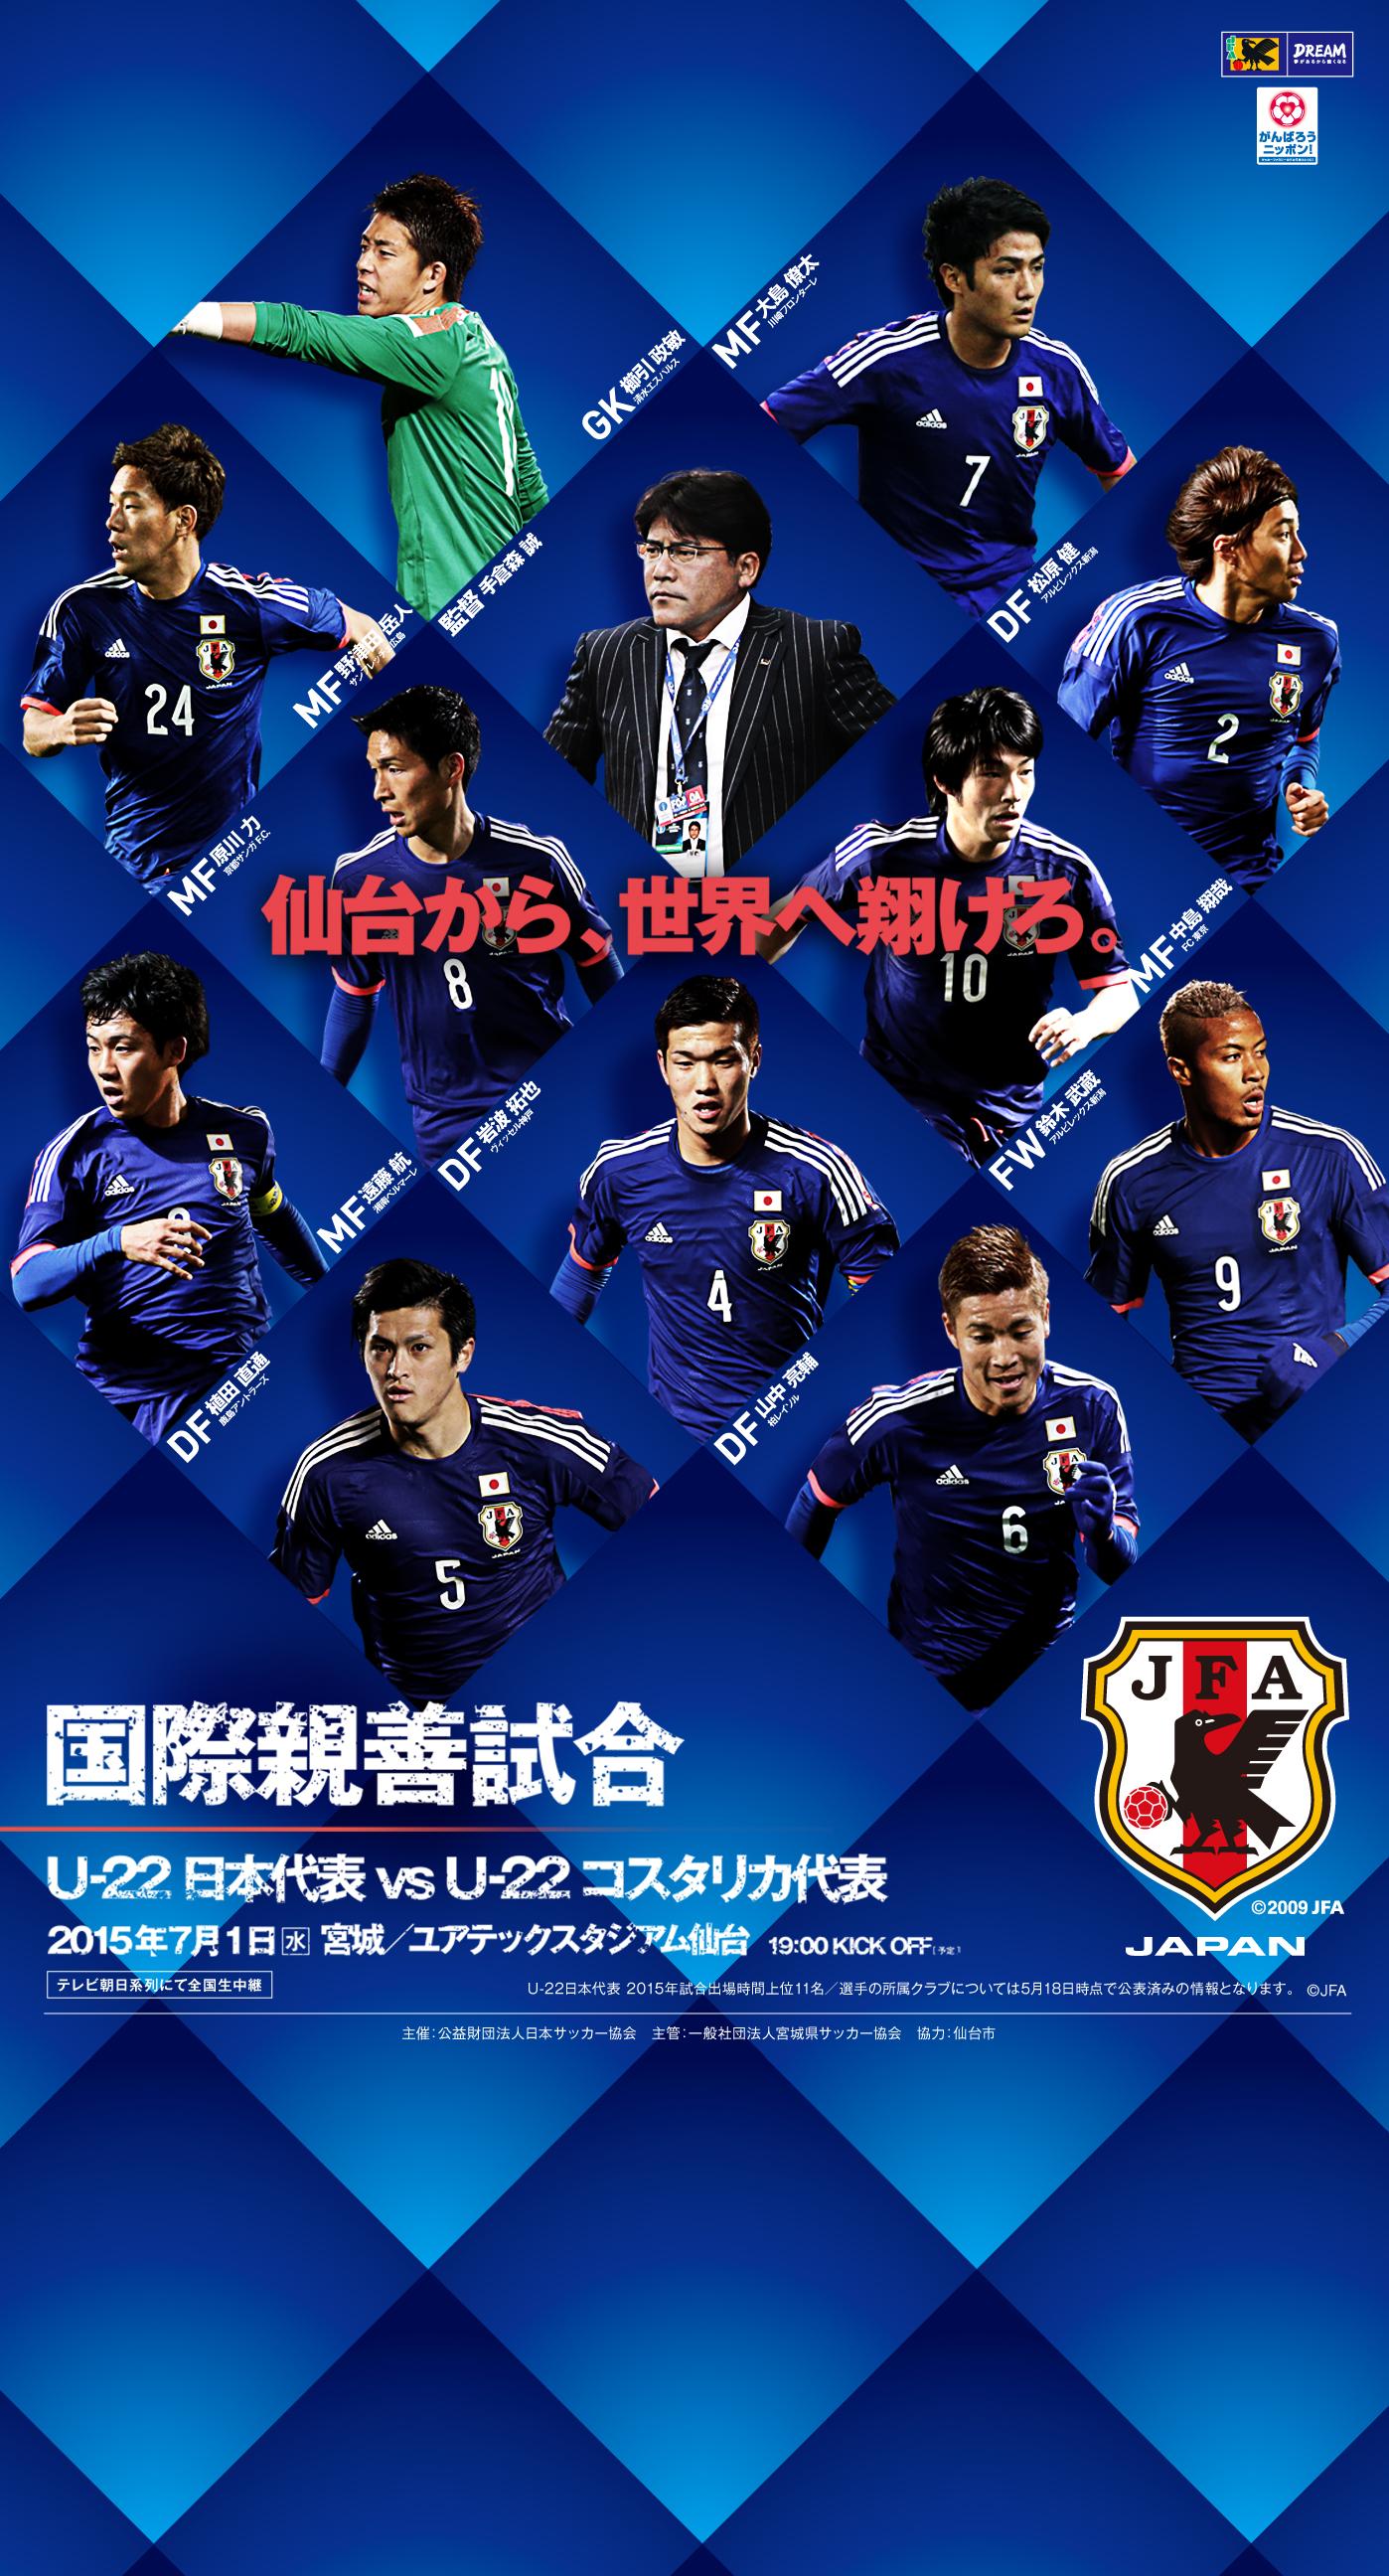 壁紙 ポスターダウンロード 国際親善試合 2015 7 1 U 22 日本代表